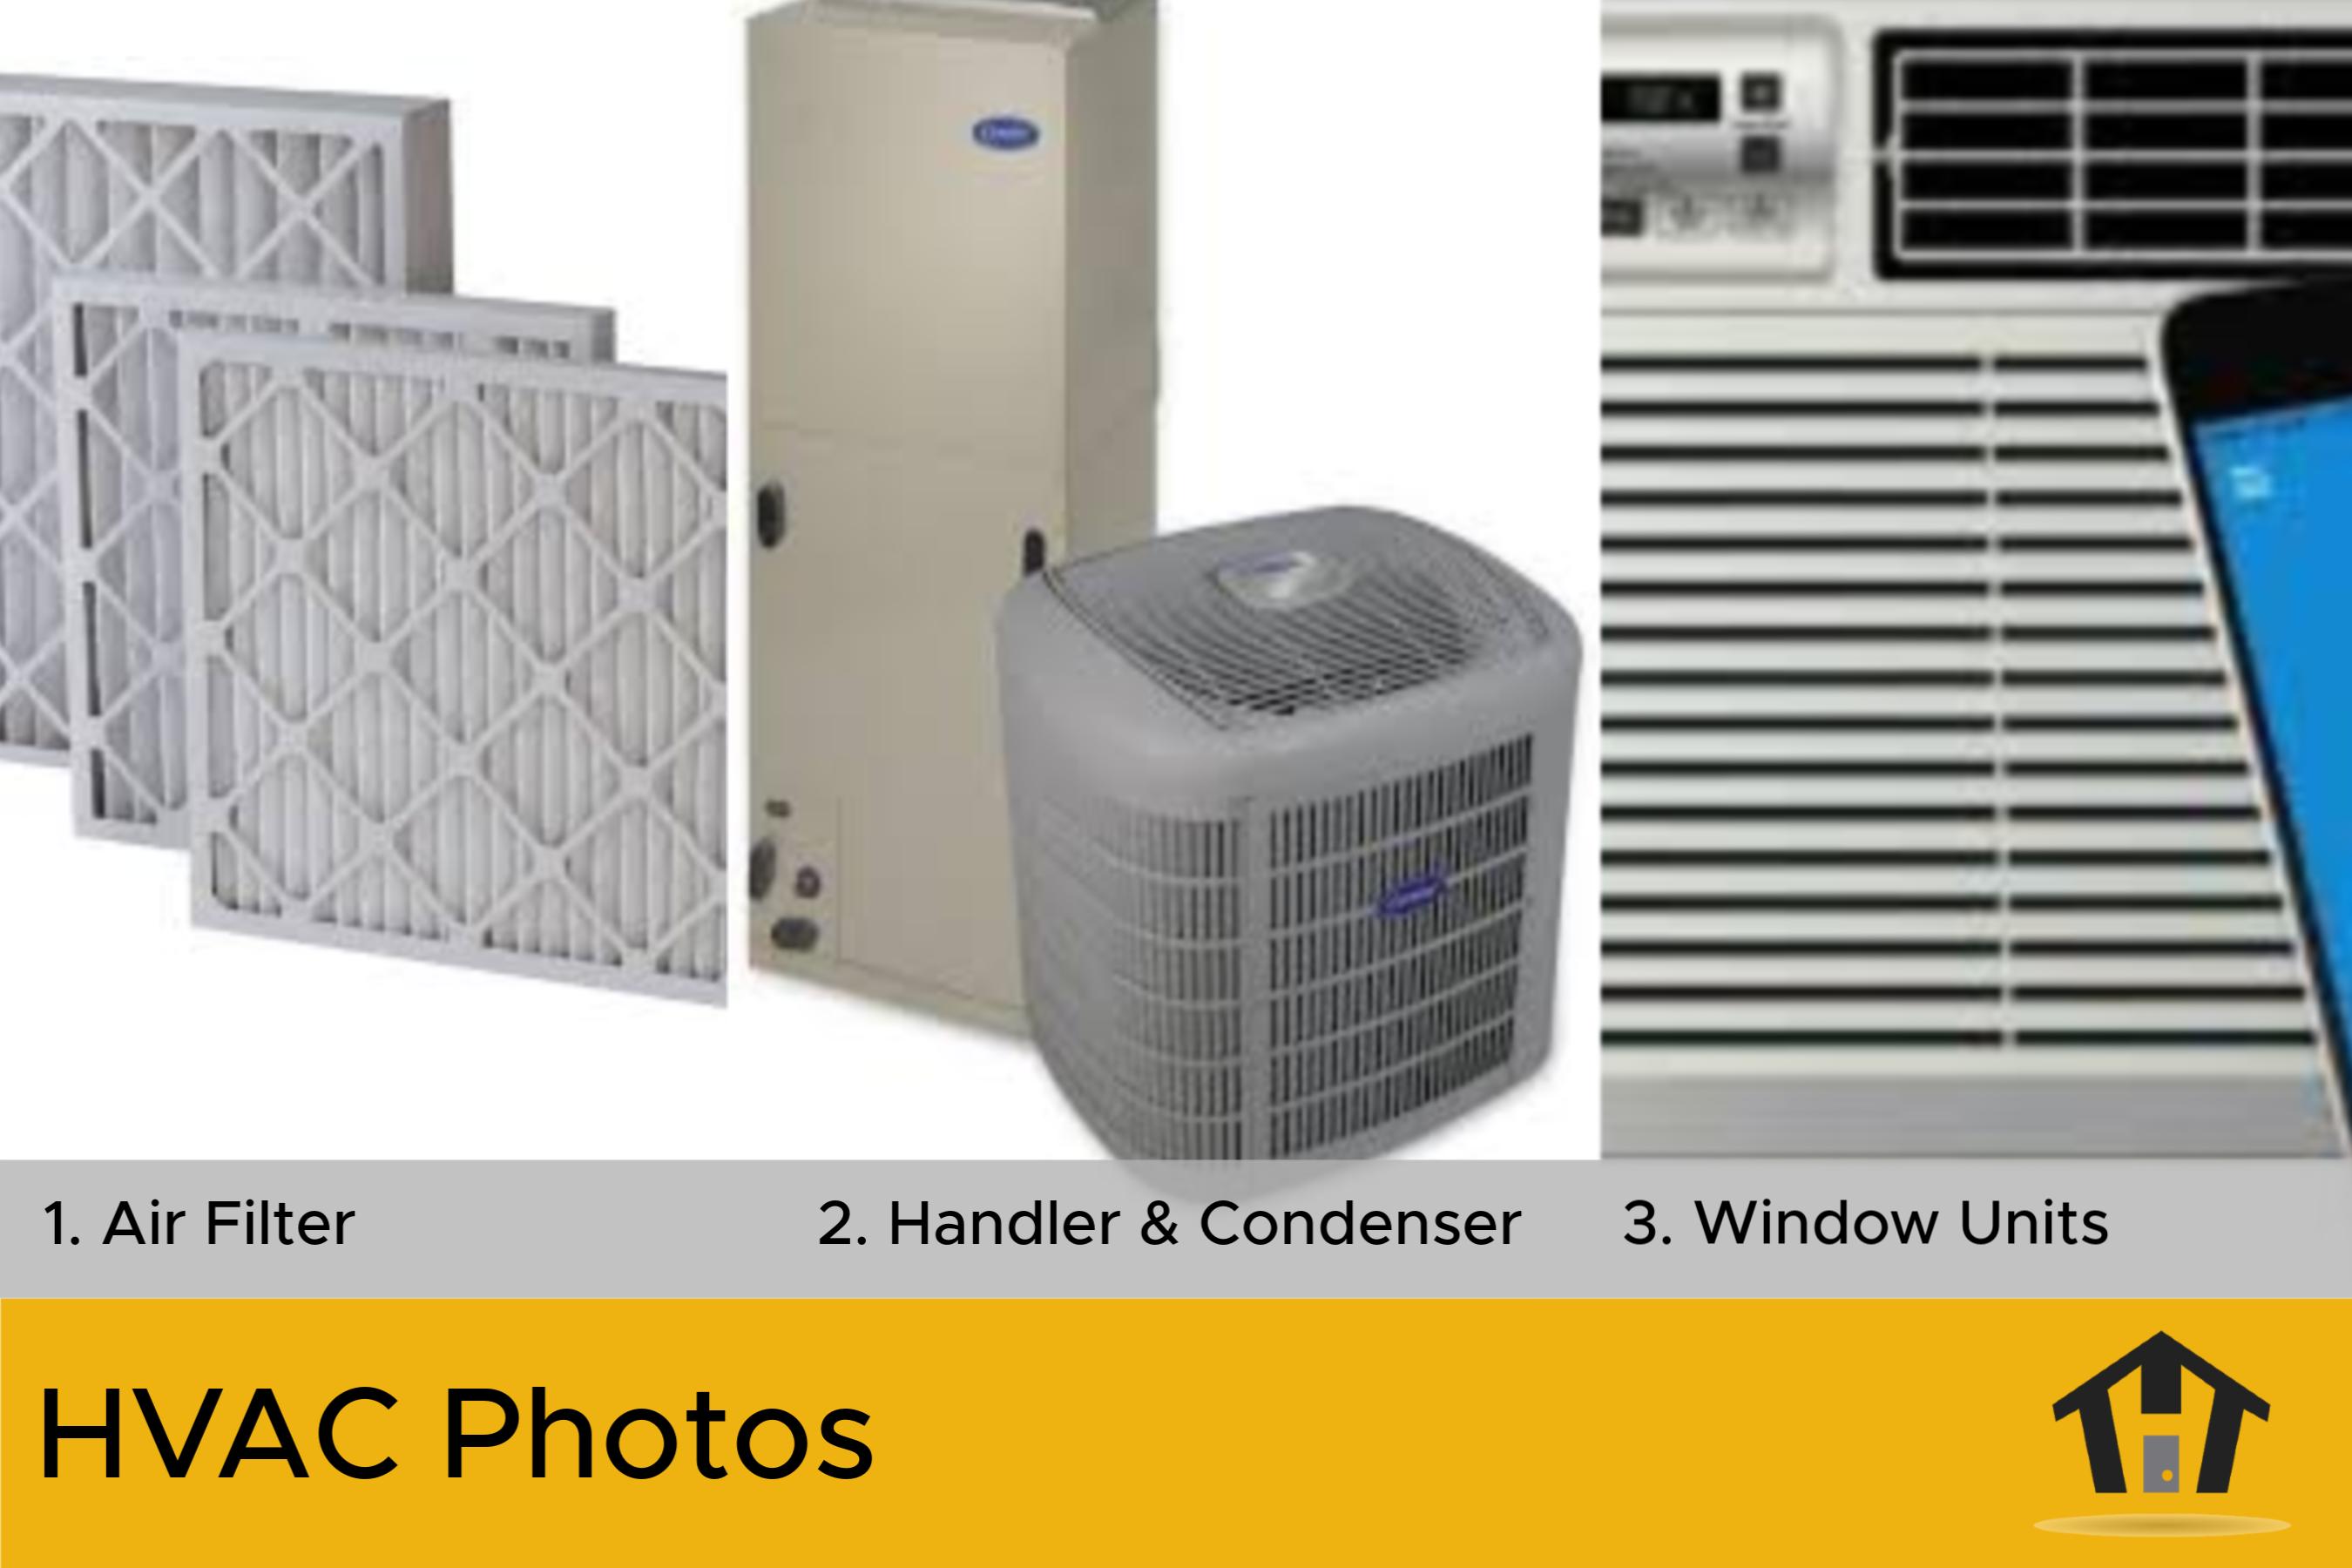 HVAC Photos - The Self-Inspect Program